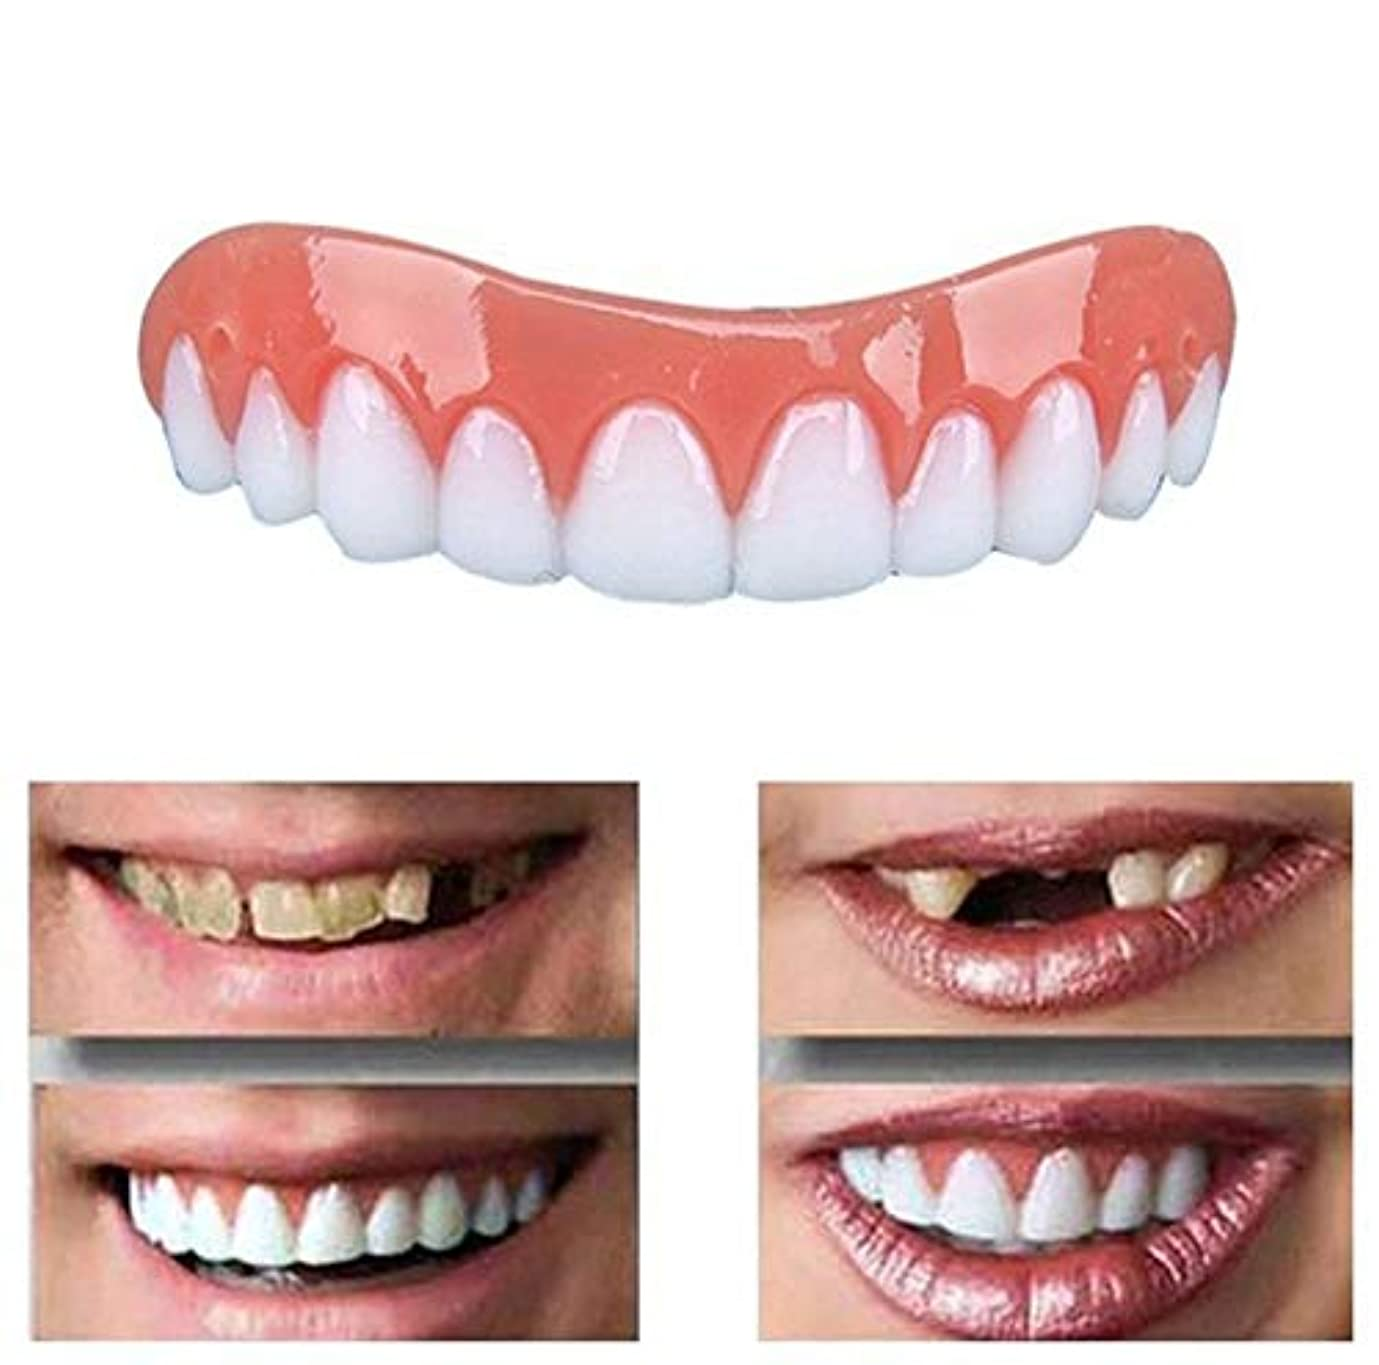 富不可能な分子キットの歯セットの化粧品の上部のベニヤを白くする歯の微笑のベニヤのシリコーンの訂正